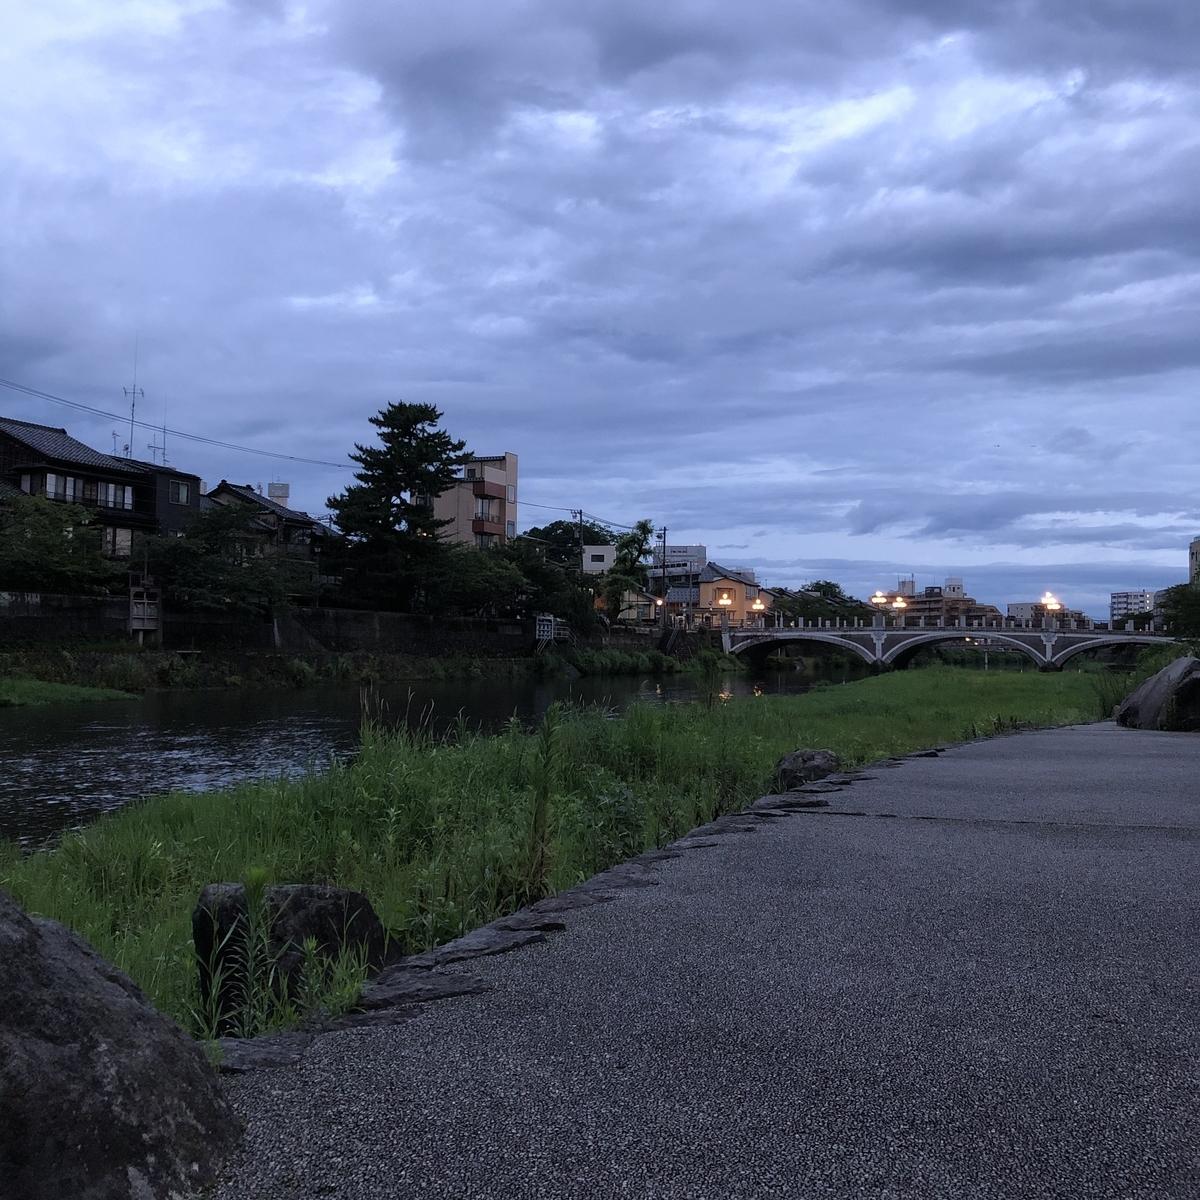 f:id:bobyuki:20200729183223j:plain